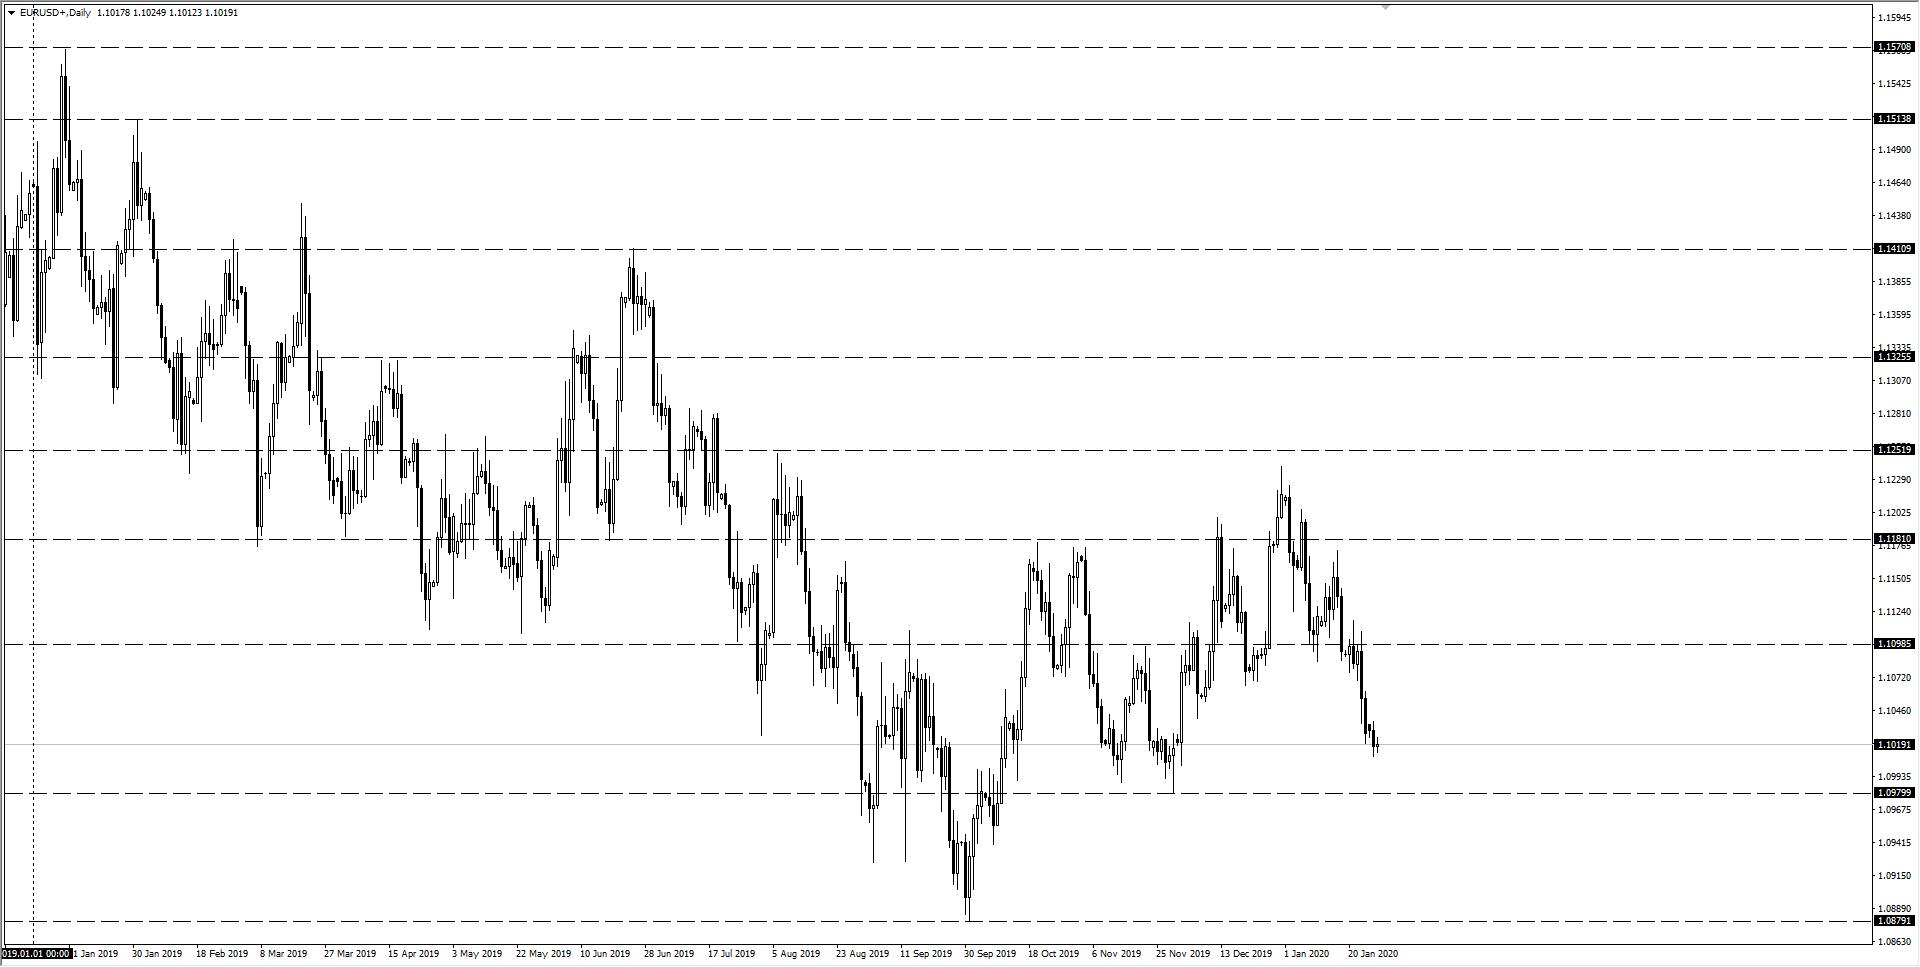 wykres EURUSD D1 28.01.2020